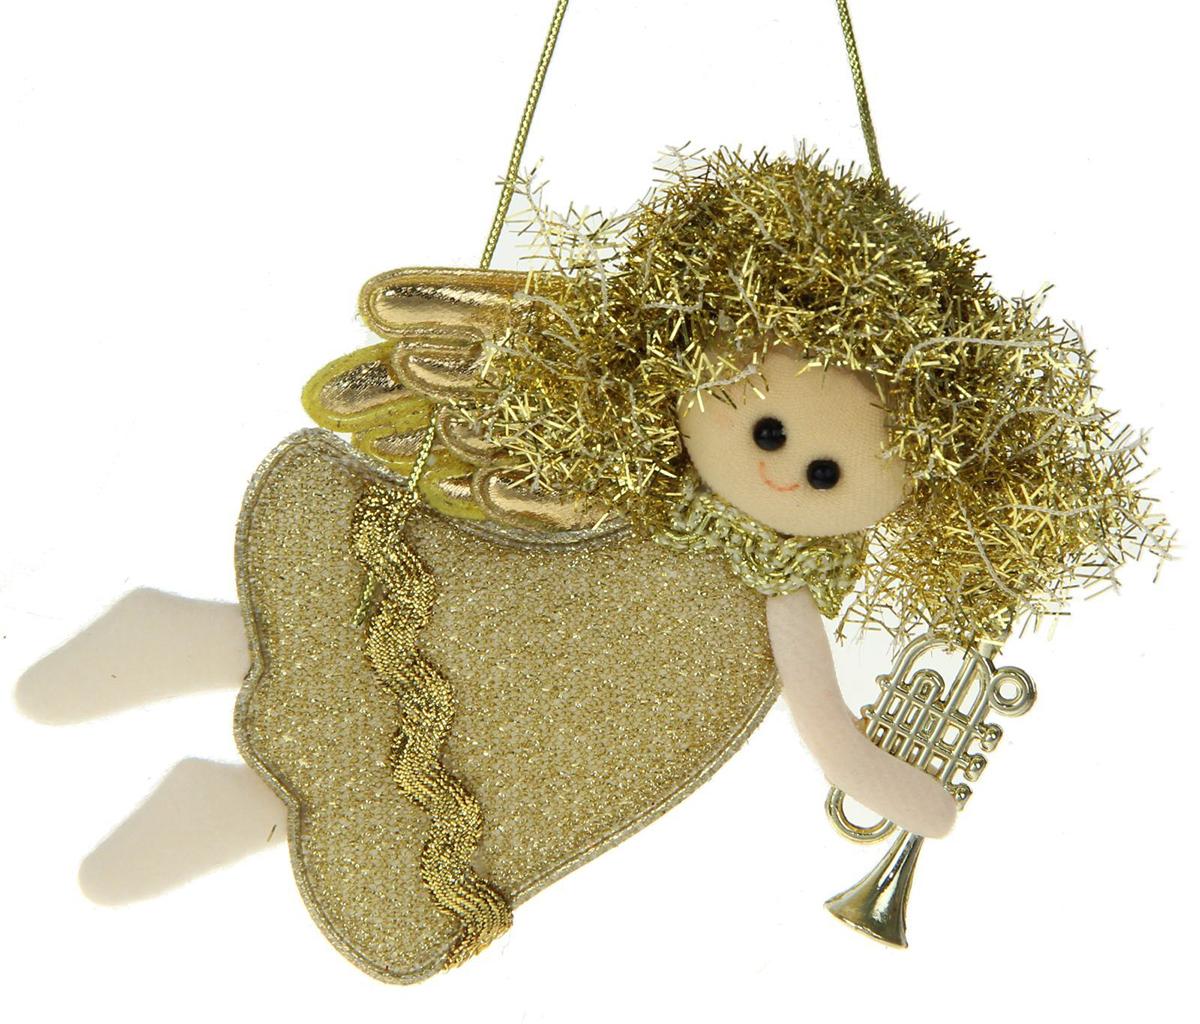 Новогоднее подвесное украшение Блеск. Фея, золотая труба1381189Новогоднее украшение ручной работы отлично подойдет для декорации вашего дома и новогодней ели. С помощью специальной петельки украшение можно повесить в любом понравившемся вам месте. Но, конечно, удачнее всего оно будет смотреться на праздничной елке.Елочная игрушка - символ Нового года. Она несет в себе волшебство и красоту праздника. Такое украшение создаст в вашем доме атмосферу праздника, веселья и радости.